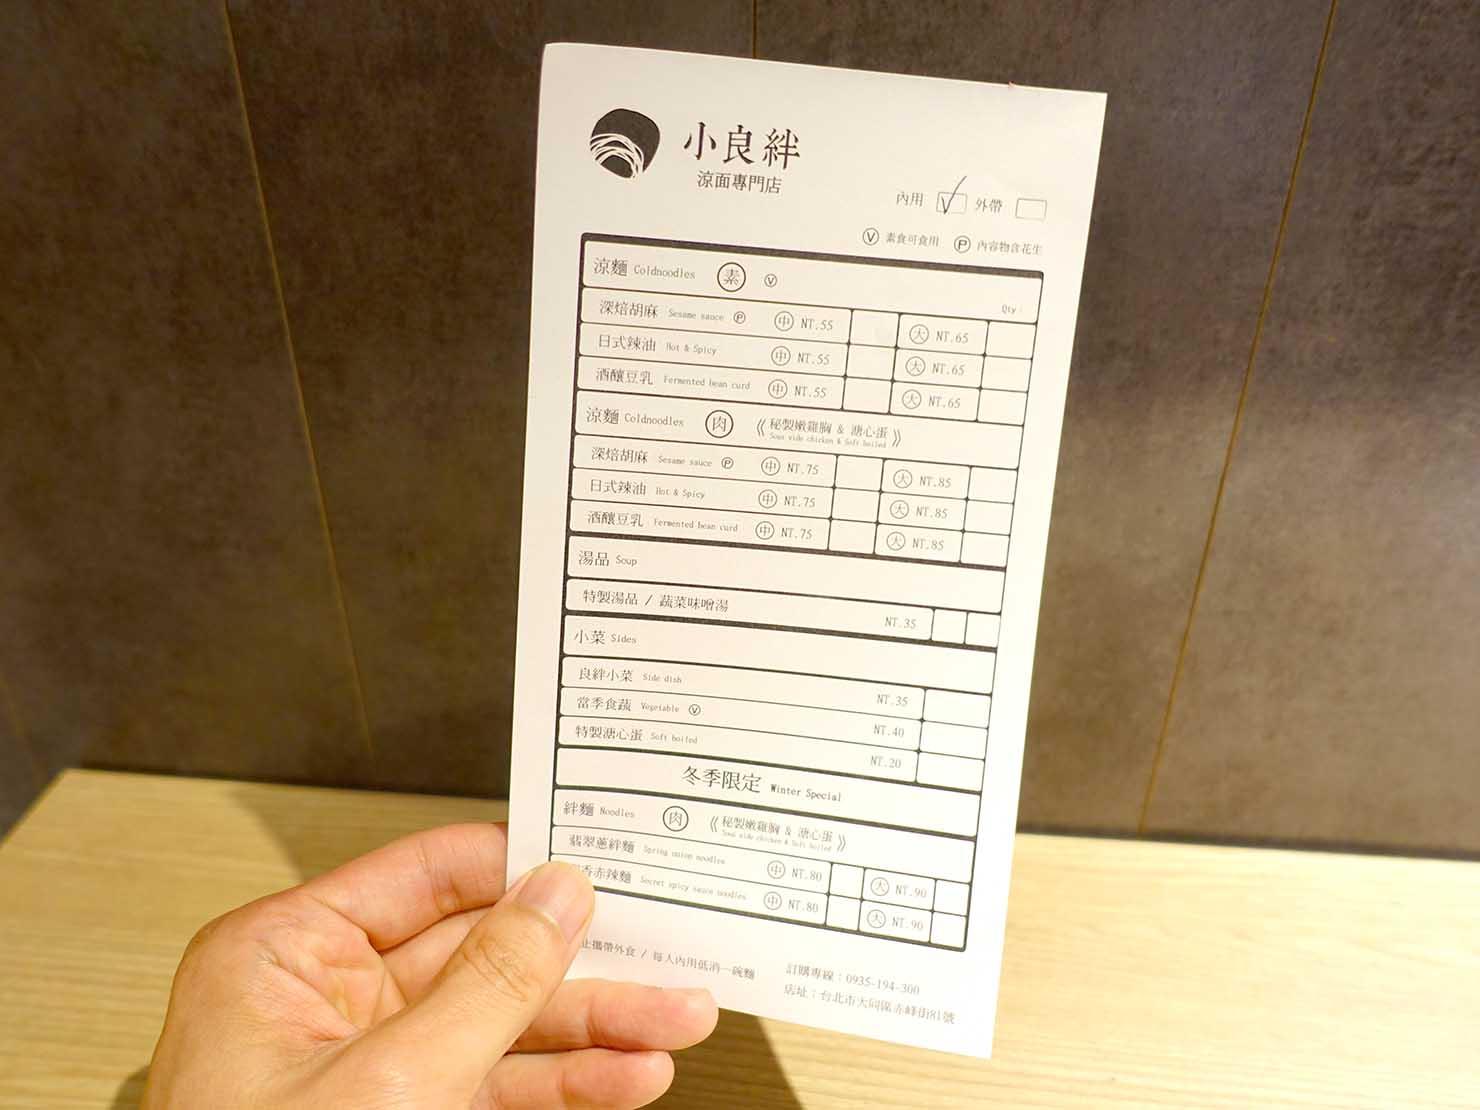 台北駅最寄りのグルメタウン・雙連のおすすめグルメ店「小良絆」のメニュー